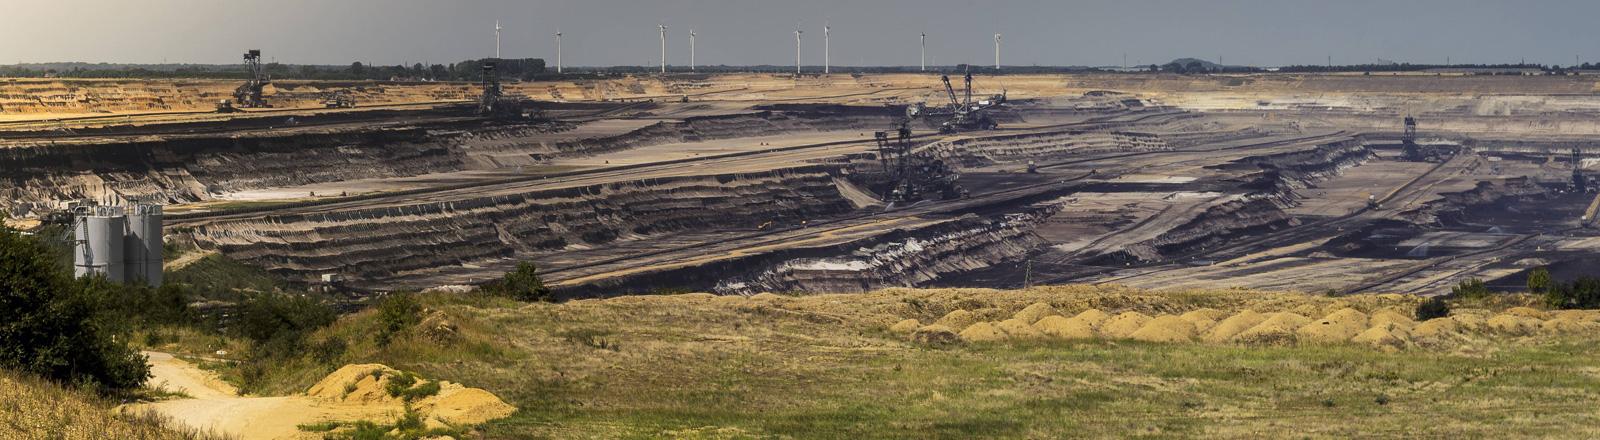 Blick auf den Braunkohletagebau Garzweiler II.